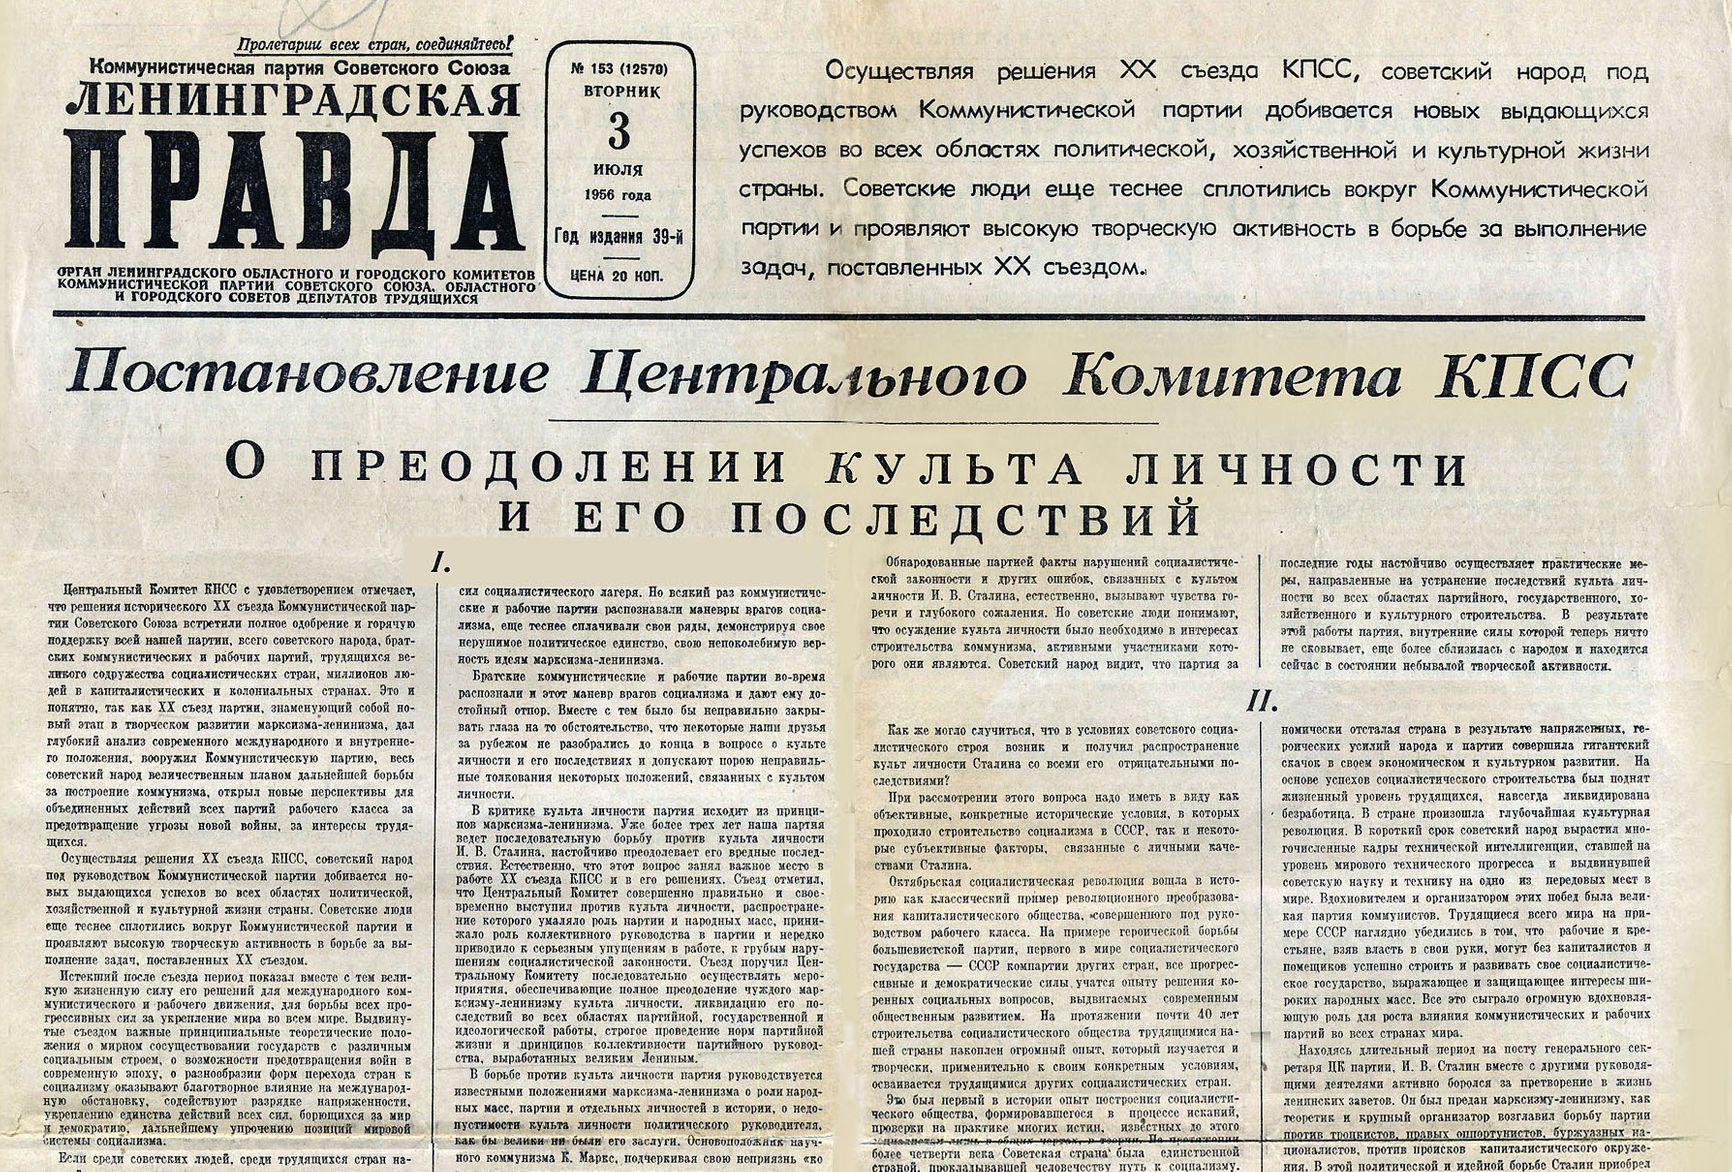 Смягченная версия доклада в виде постановления Президиума ЦК КПСС «О преодолении культа личности и его последствий» была опубликована в печати только летом 1956 года